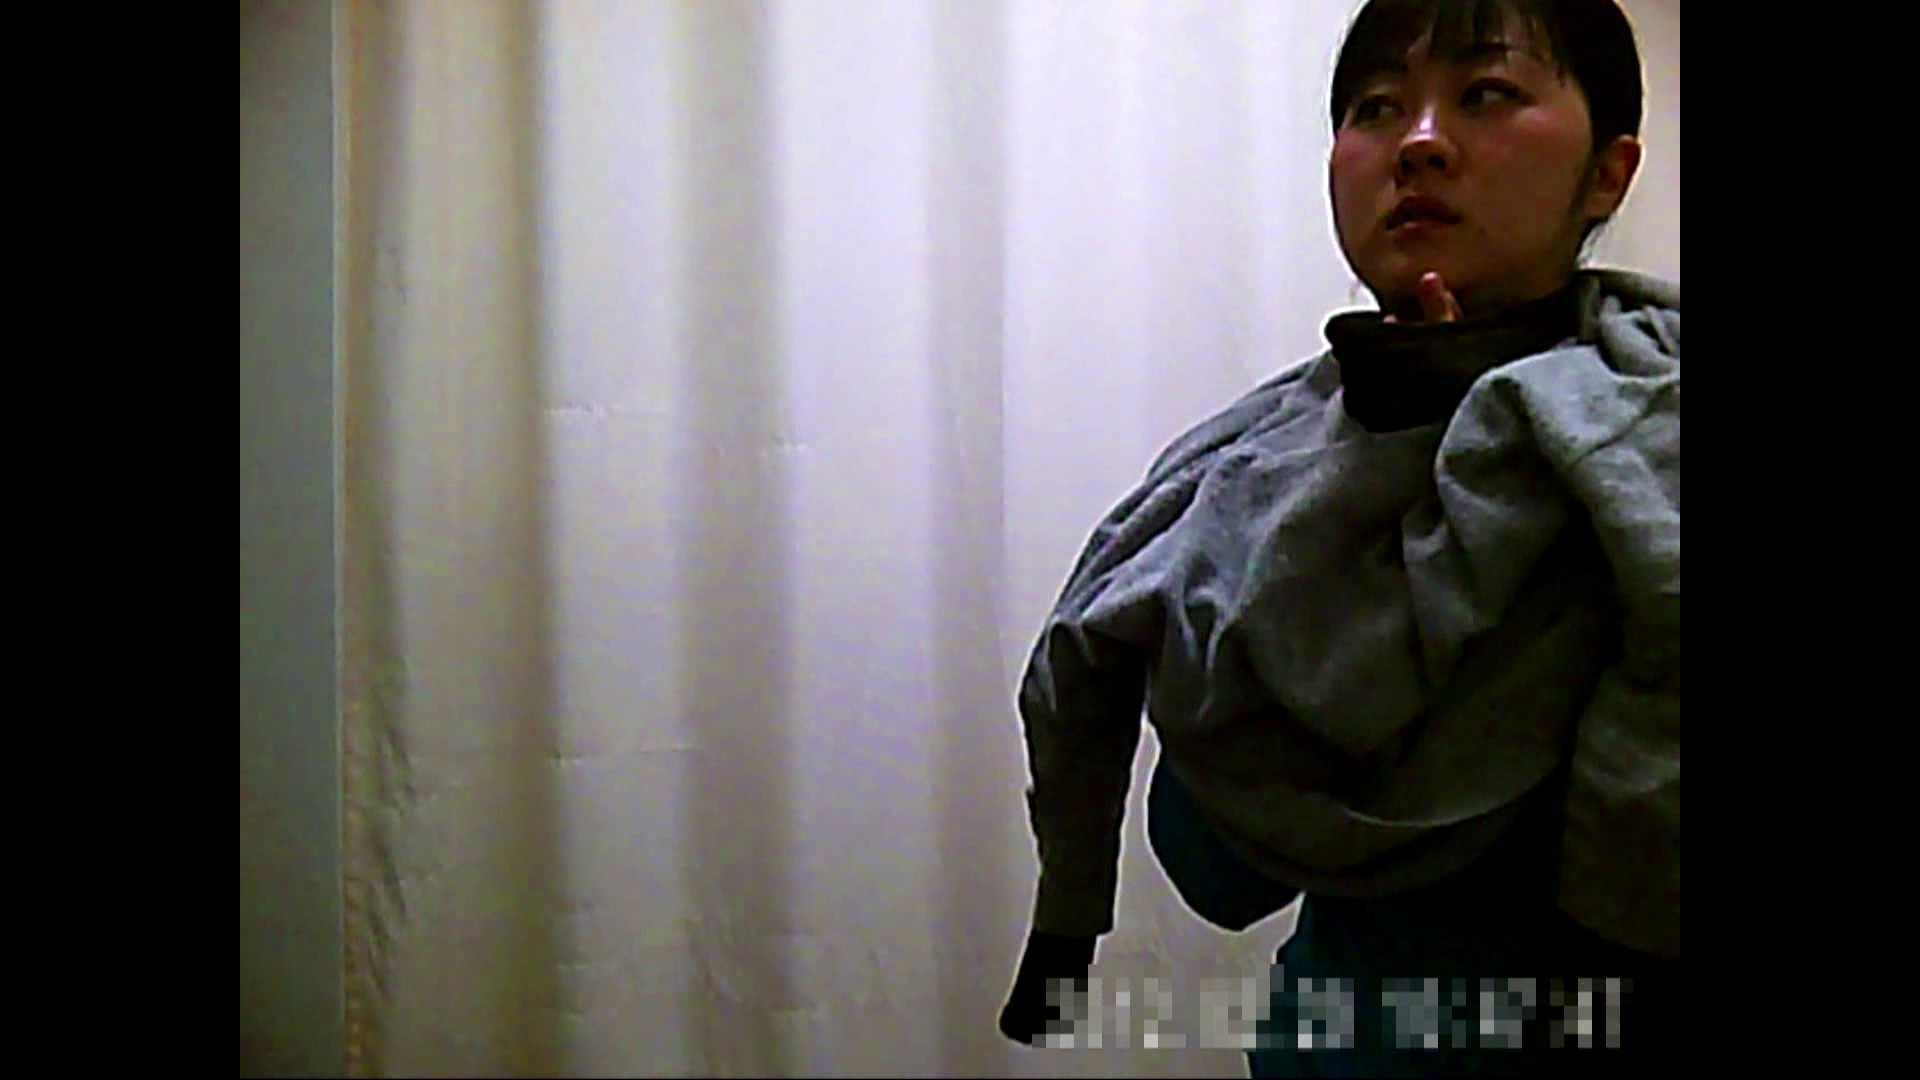 元医者による反抗 更衣室地獄絵巻 vol.271 OLハメ撮り  97Pix 61